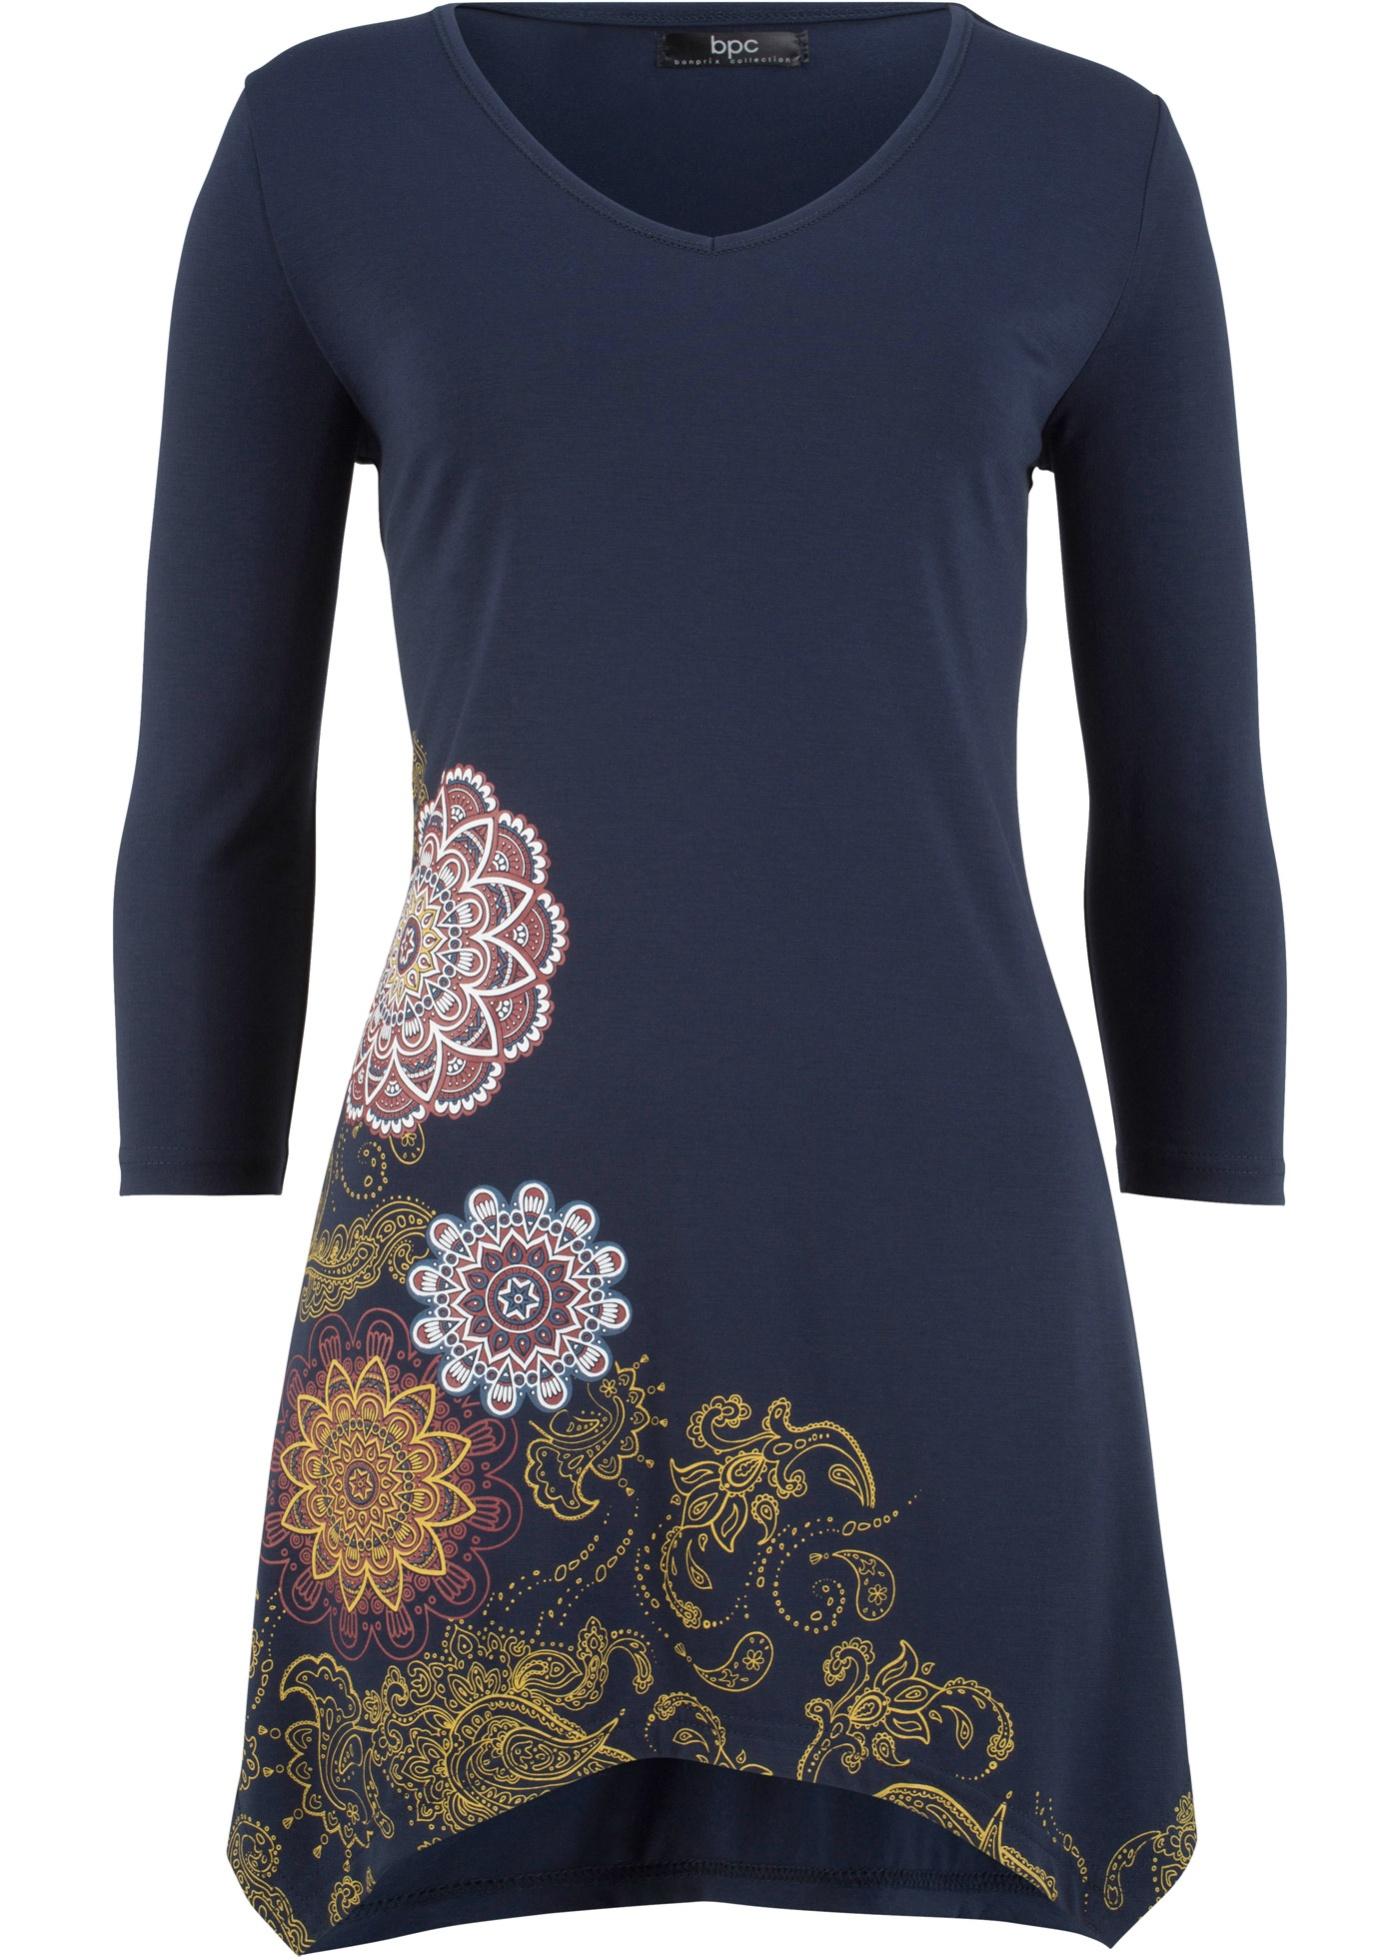 PansManches 4 Bonprix À 3 Bpc shirt Pour Femme Bleu CollectionT A5jL3R4